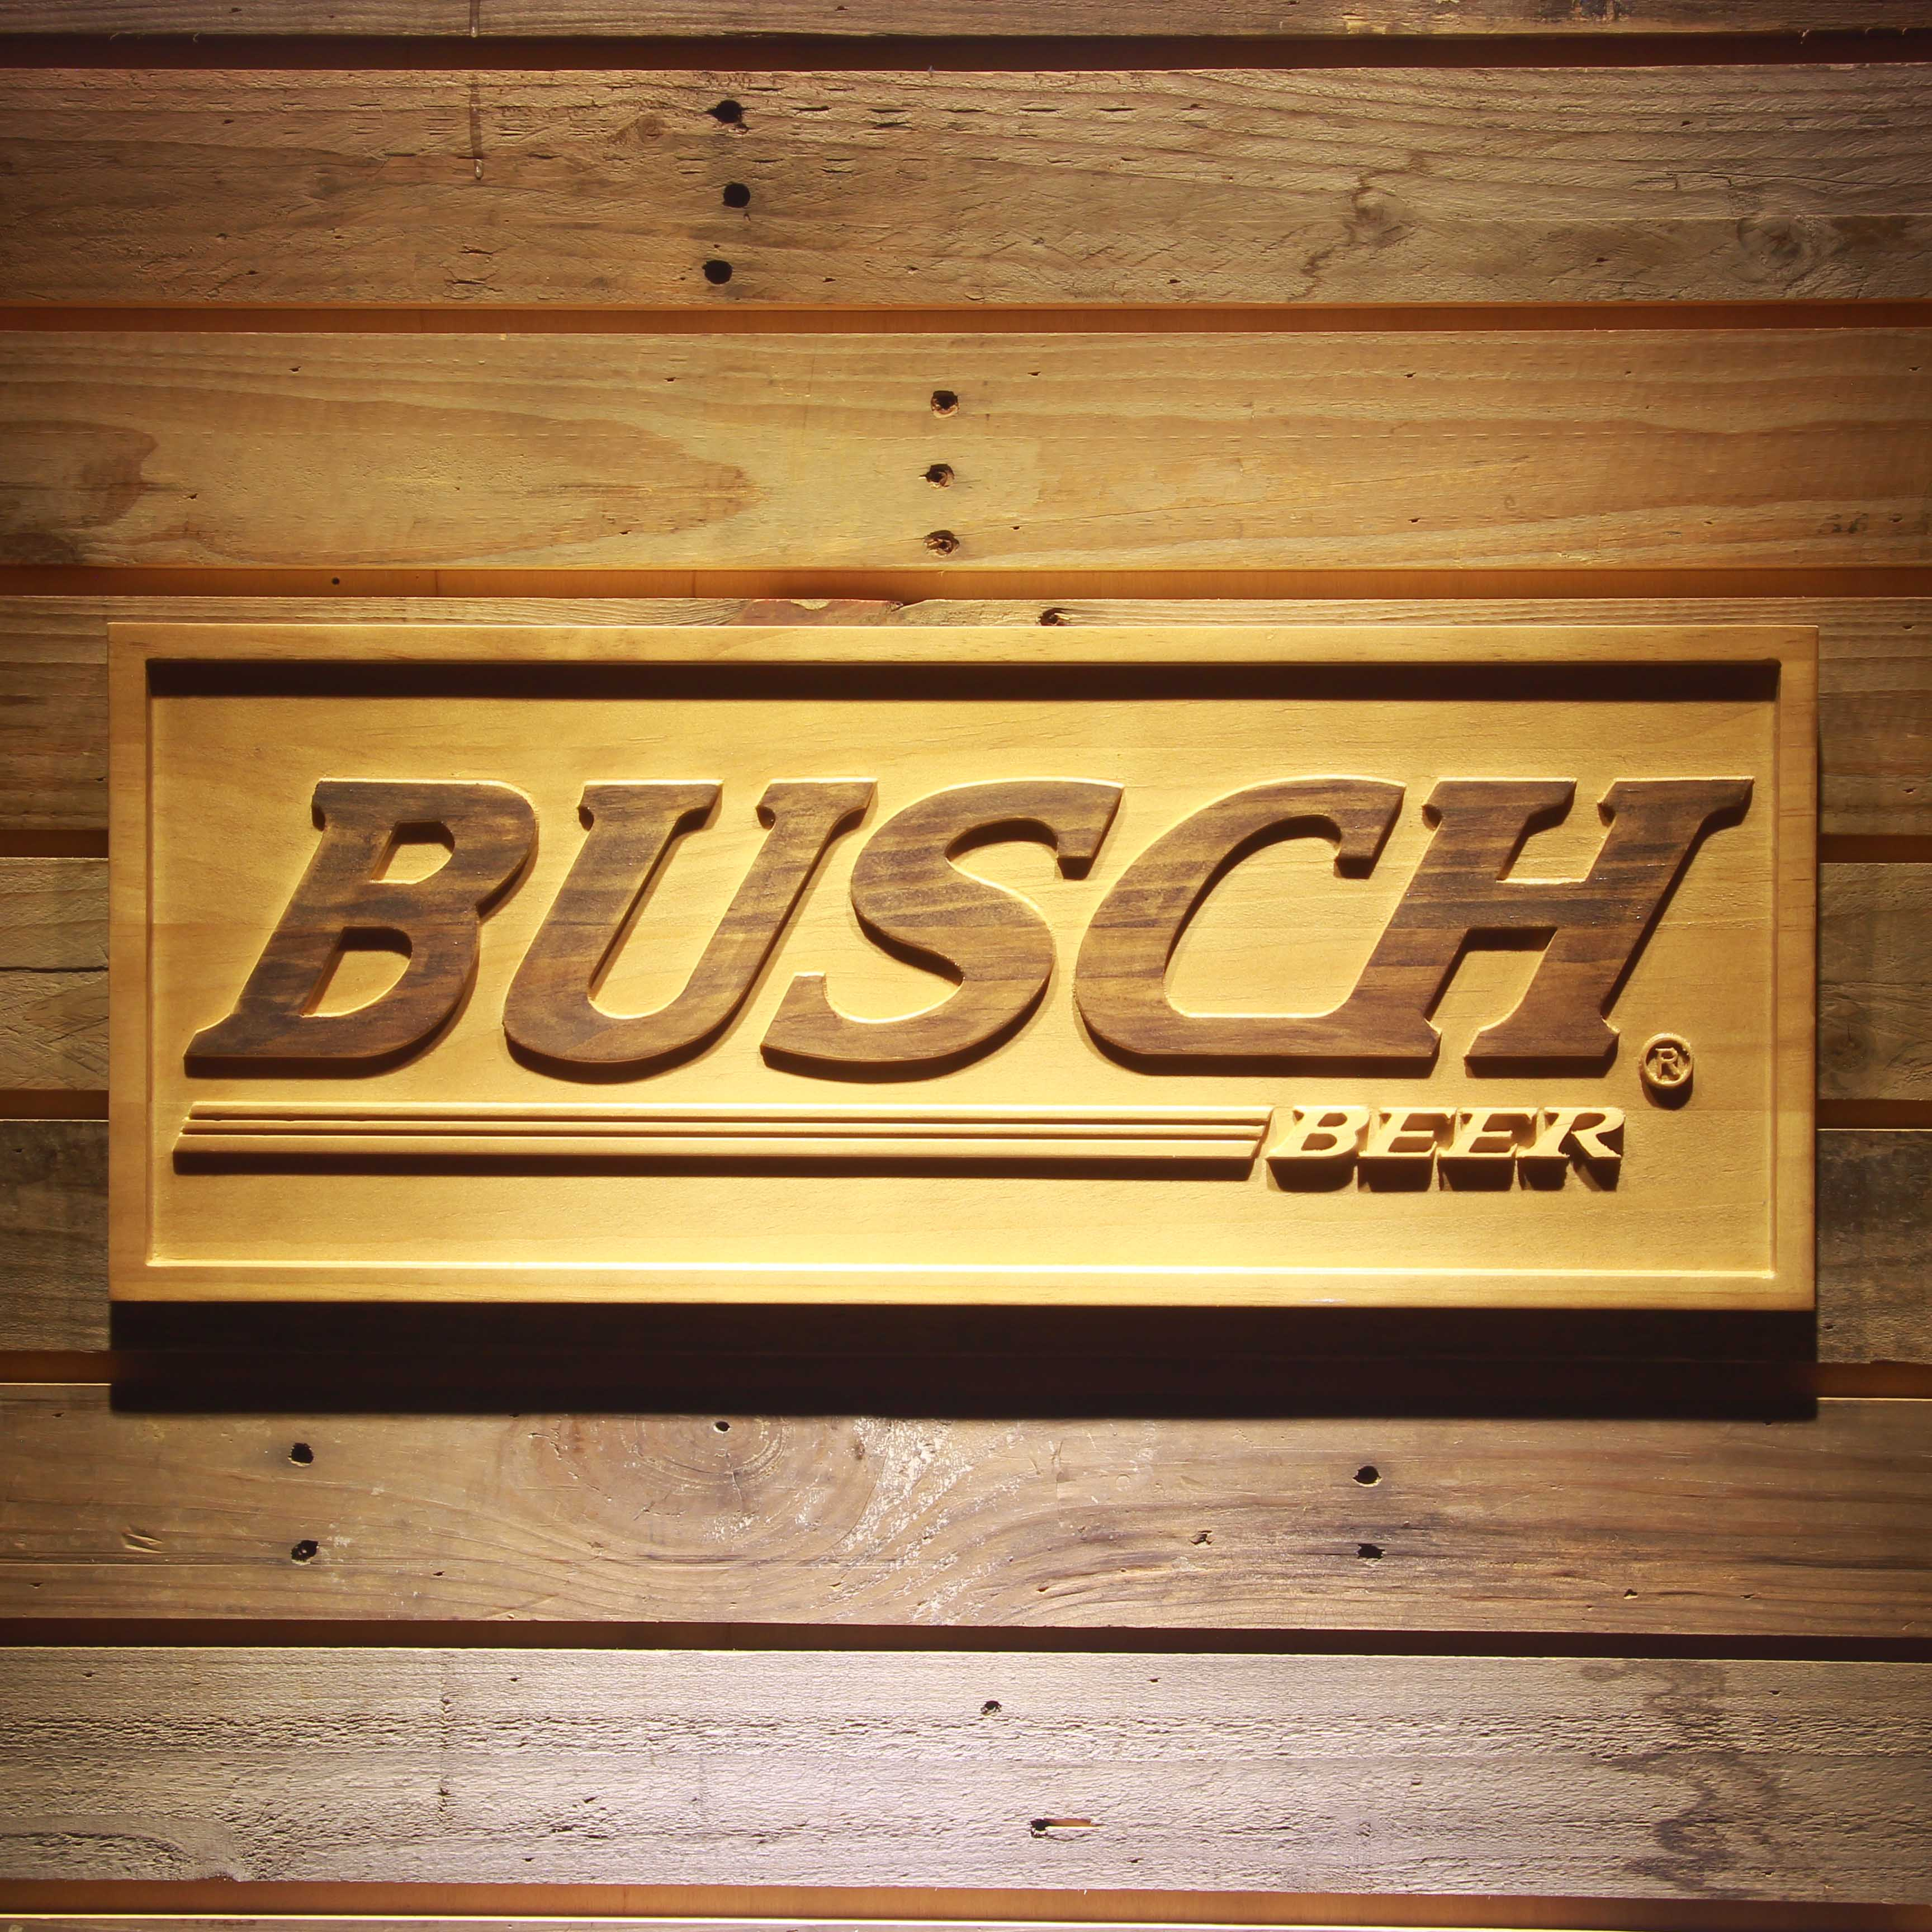 Busch Beer 3D Wooden Signs